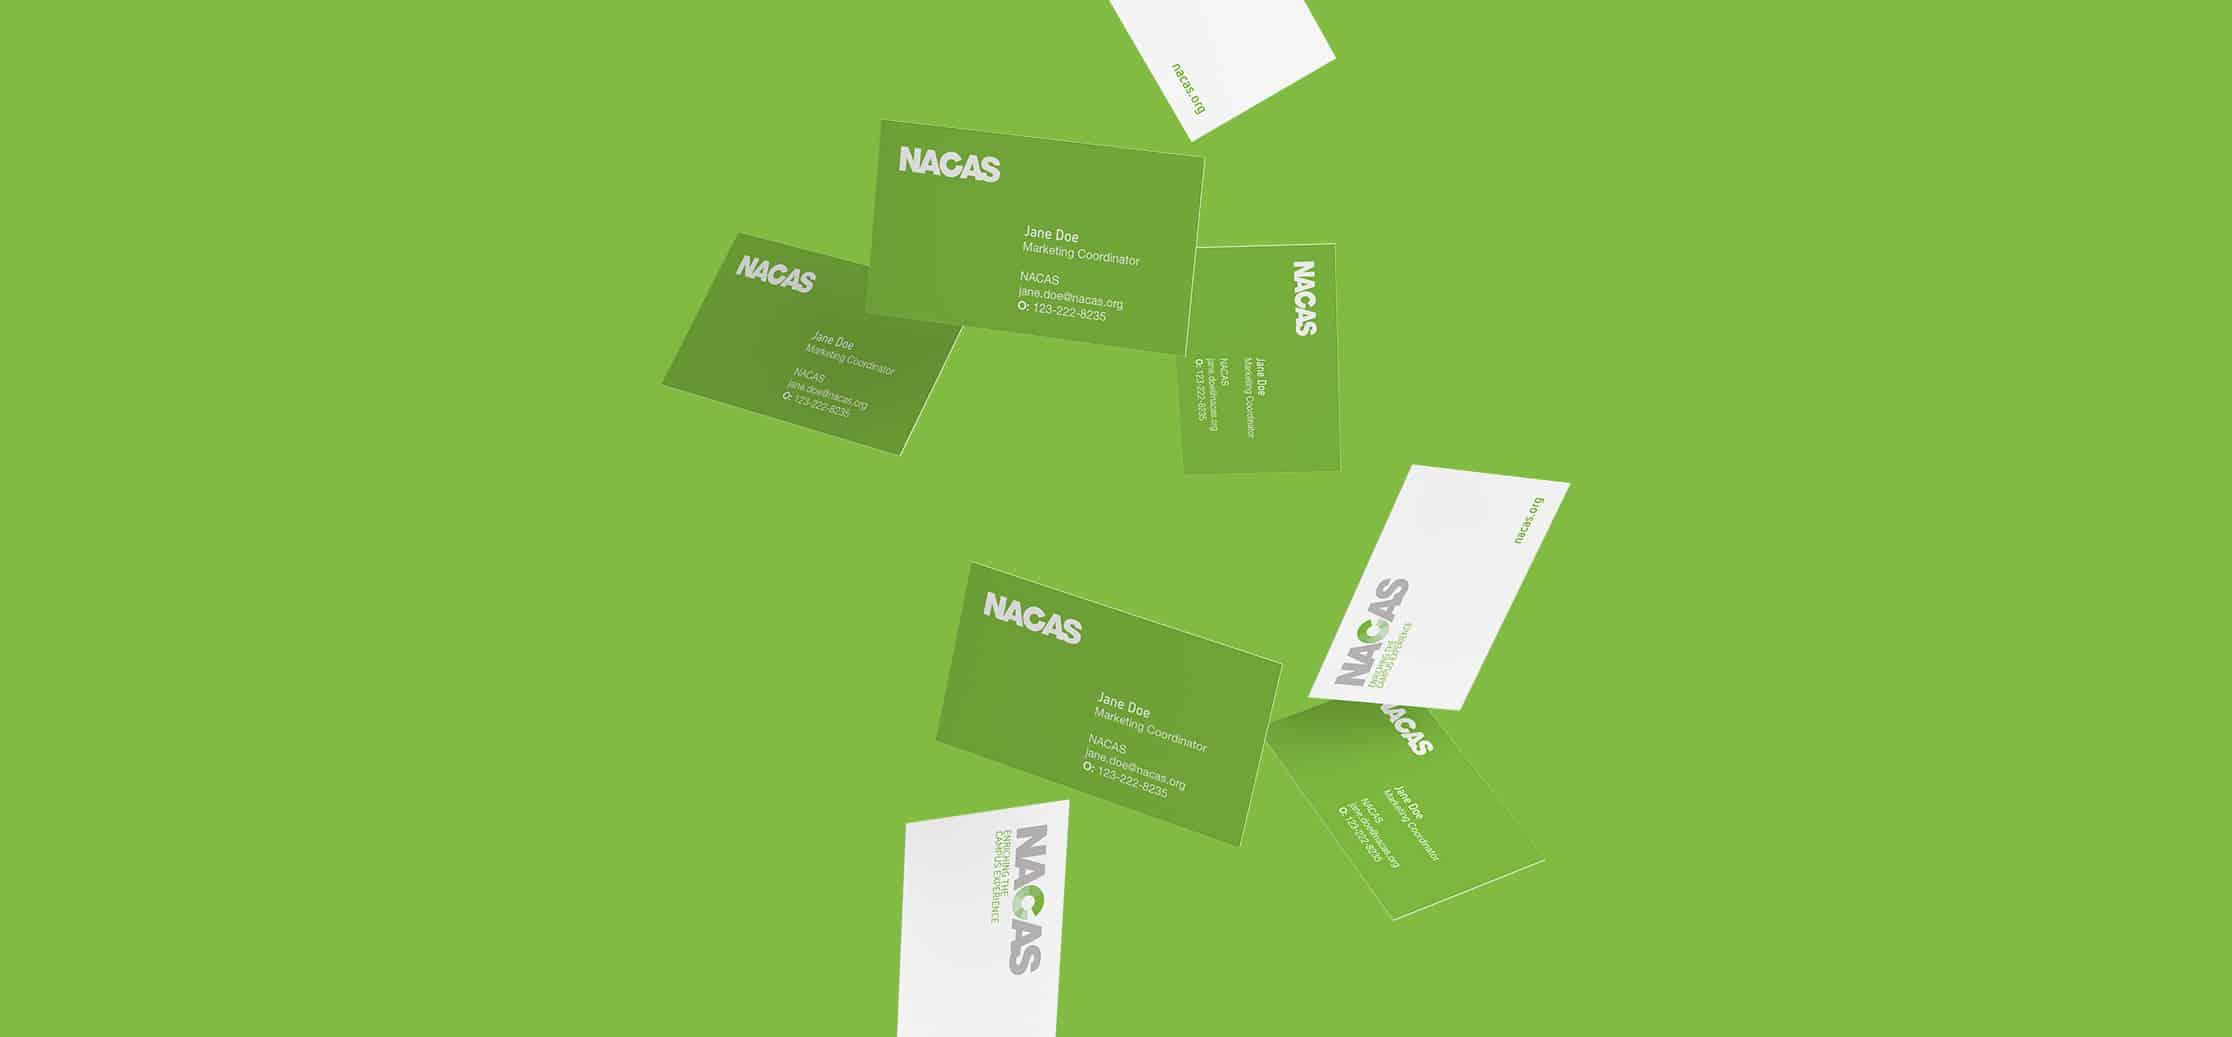 nacas-bcs-fullwidth-5-updated